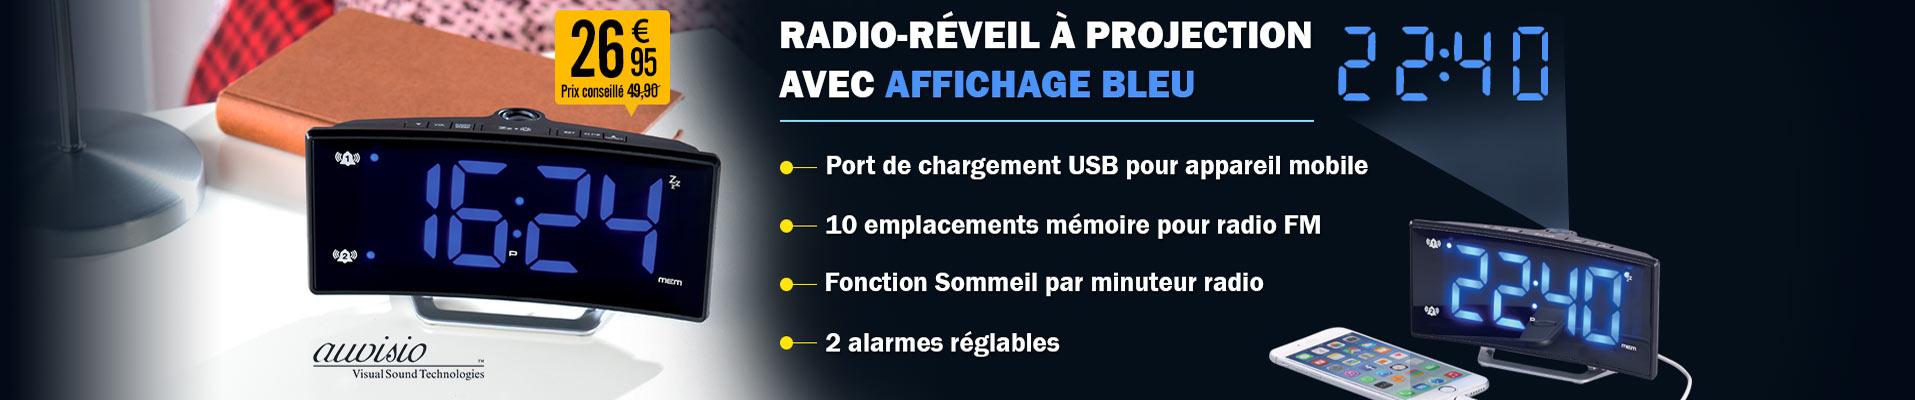 Radio réveil à projection avec affichage bleu et port de chargement usb nx8426